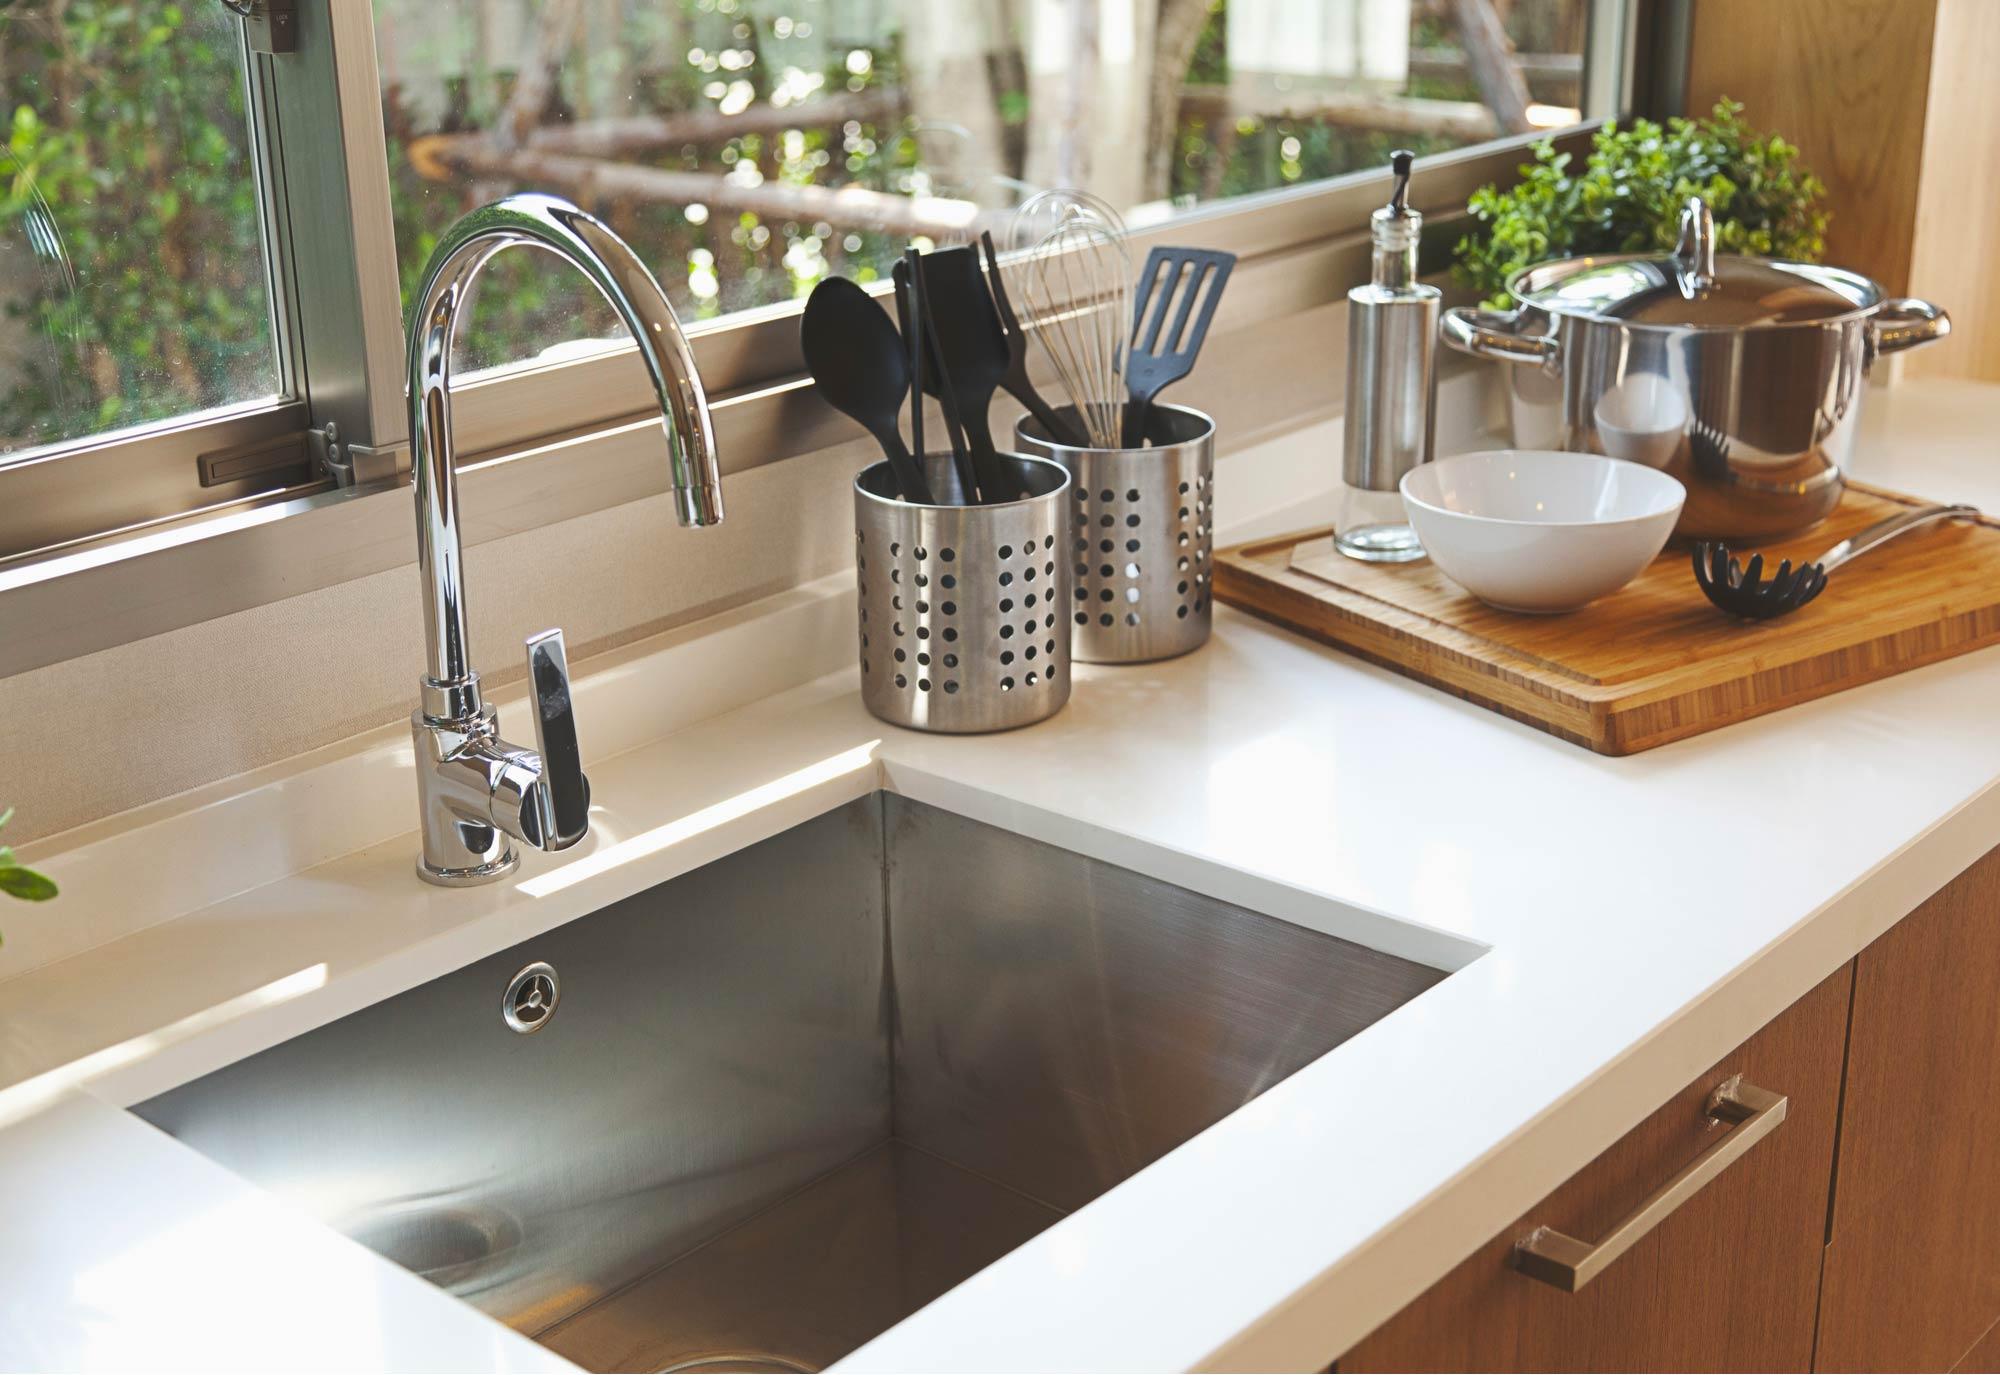 Nettoyer Evier Resine Tache comment installer, monter un évier ou un lavabo de cuisine ?